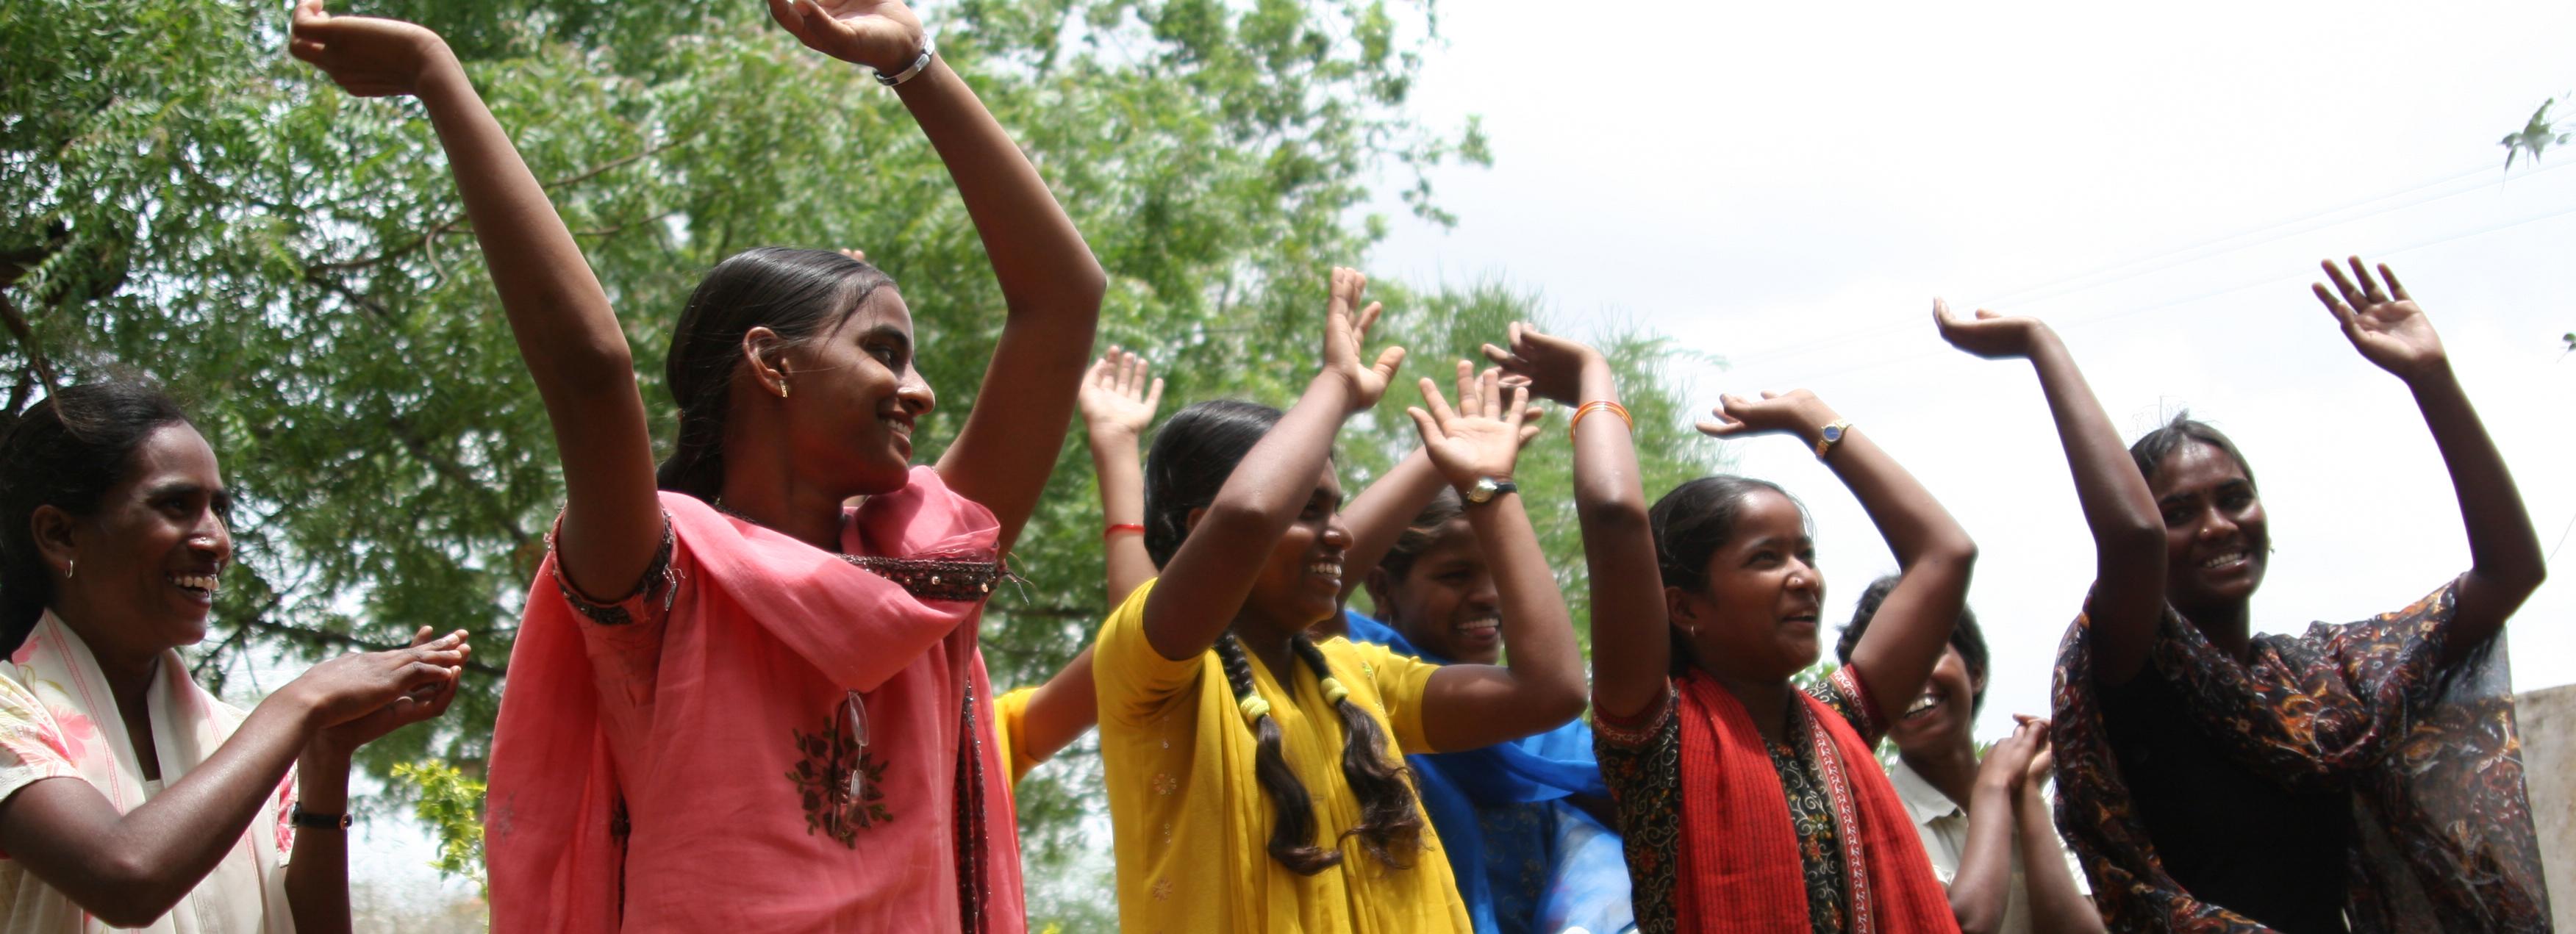 Women's Education Project